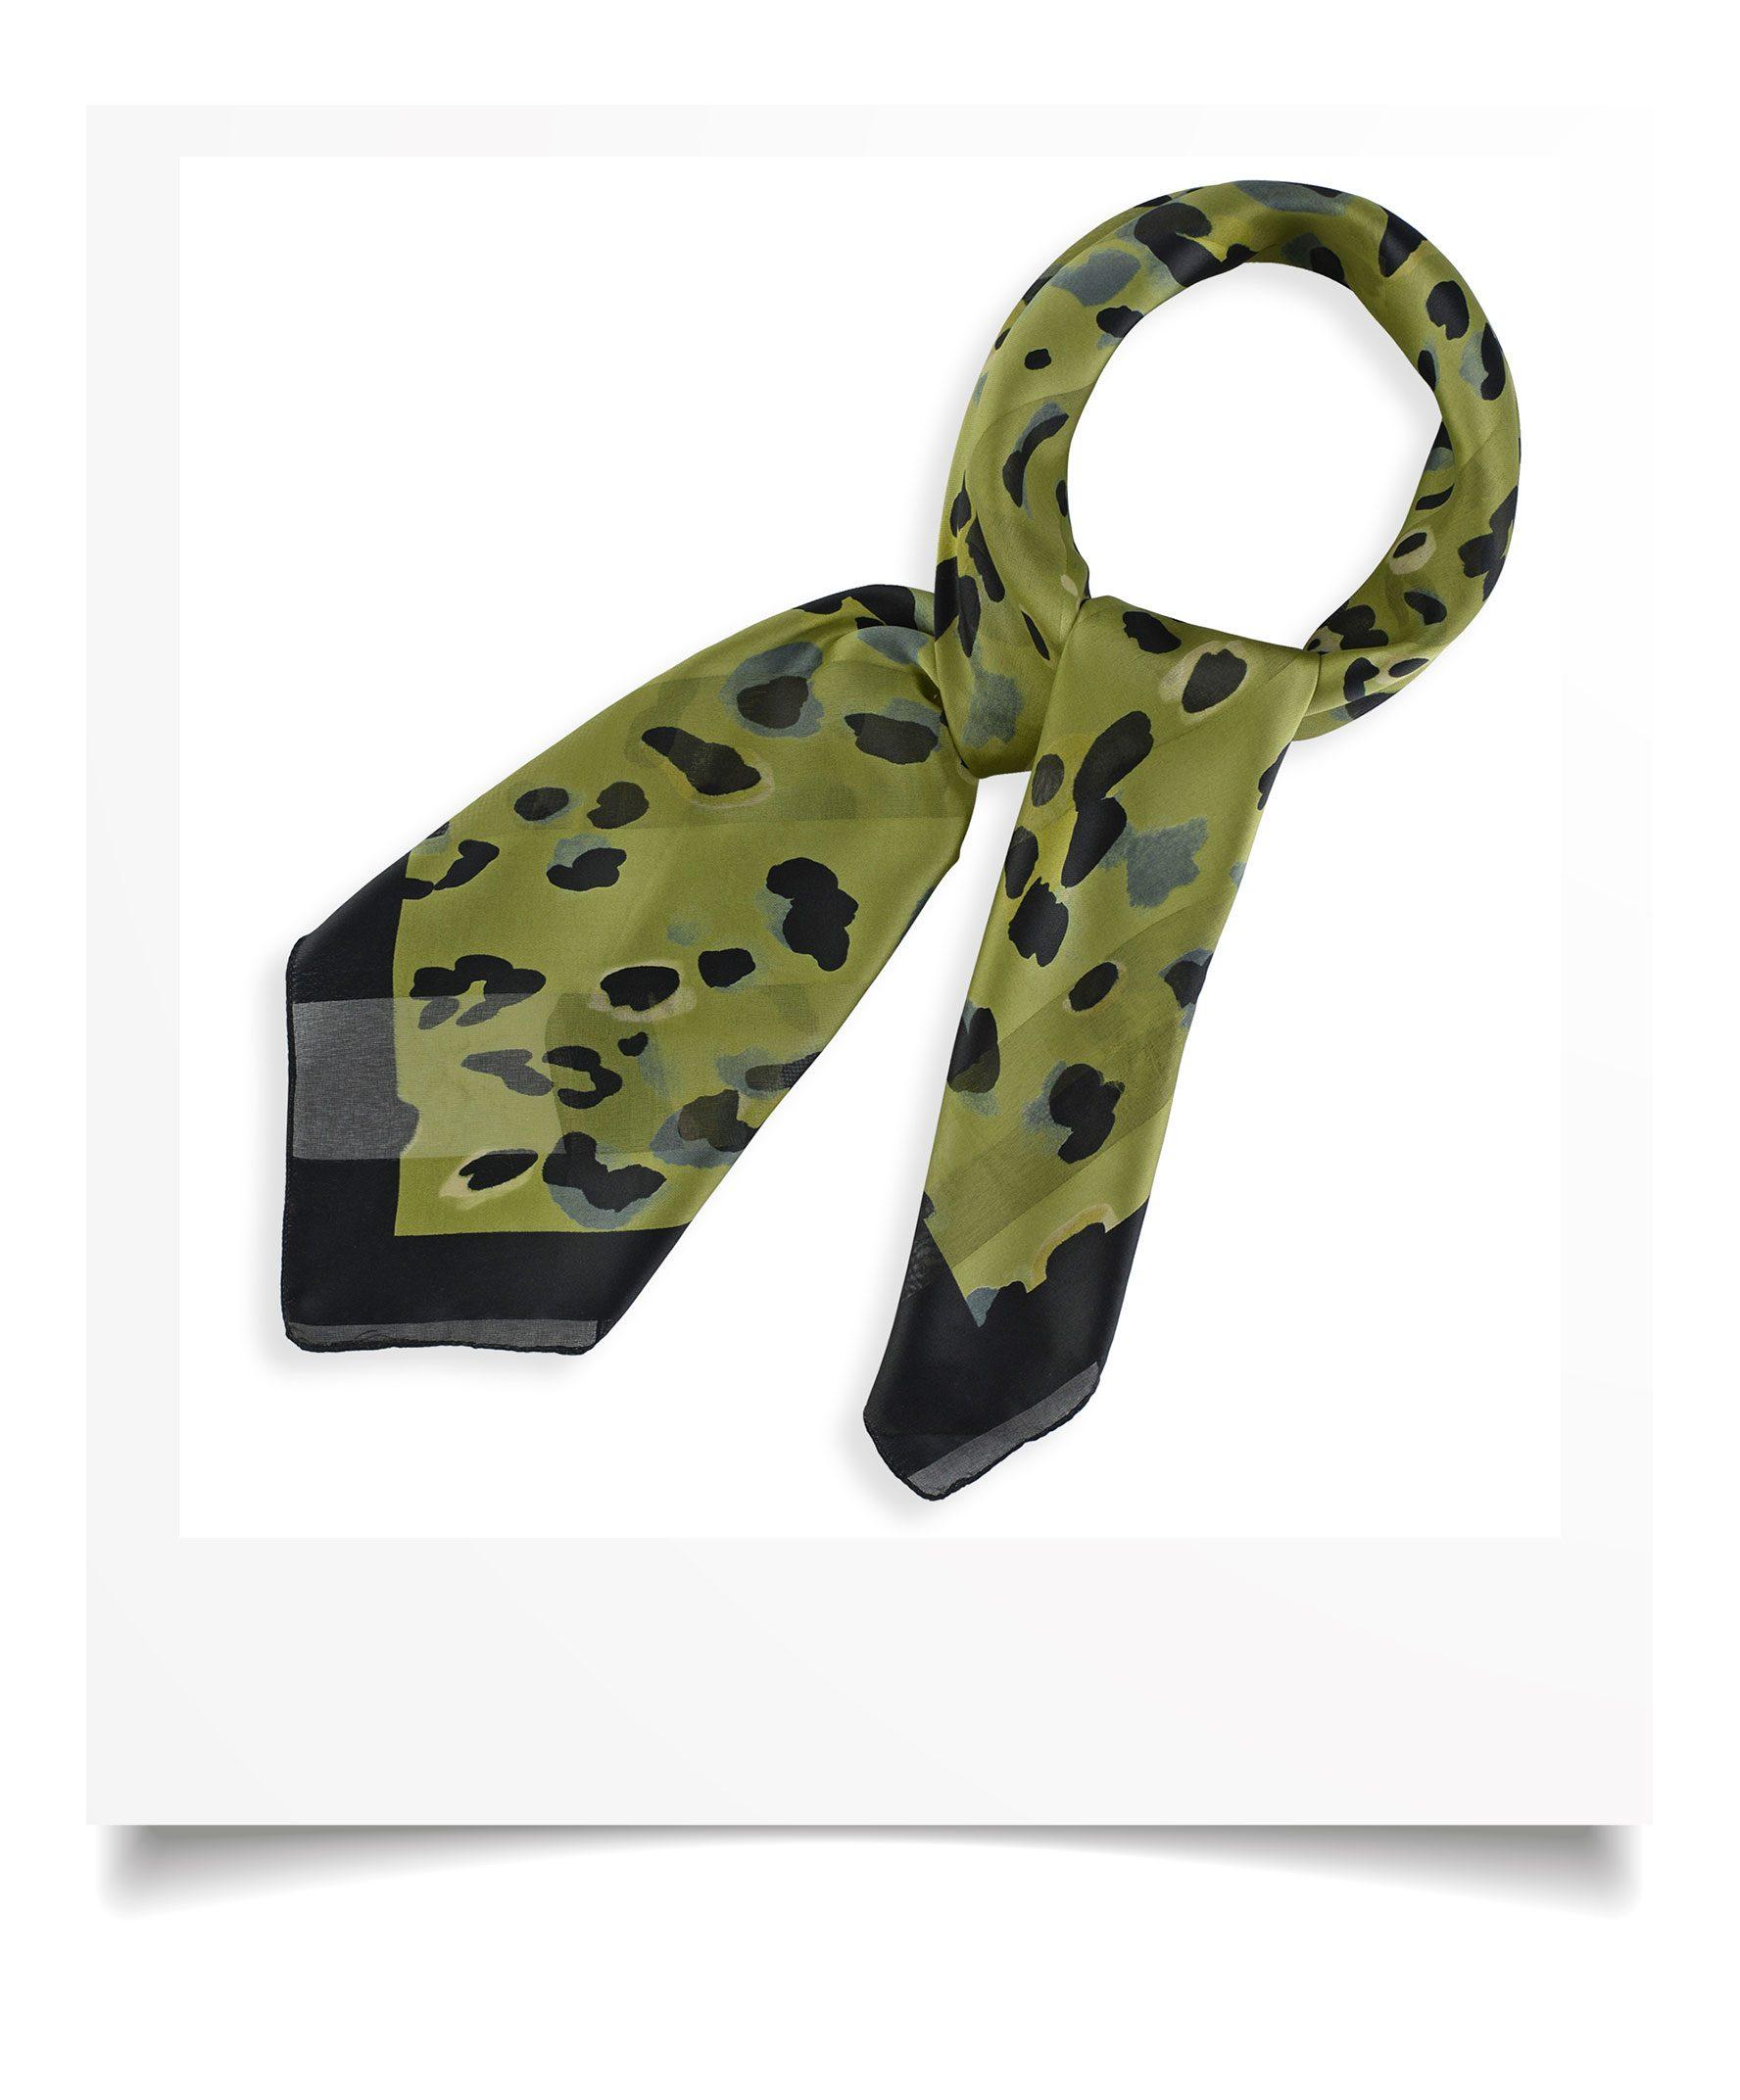 http://lookbook.allee-du-foulard.fr/wp-content/uploads/2018/09/0695-4-ADF-Accessoires-de-mode-LB-Selection_leopard-carre-mousseline-kaki-1776x2144.jpg